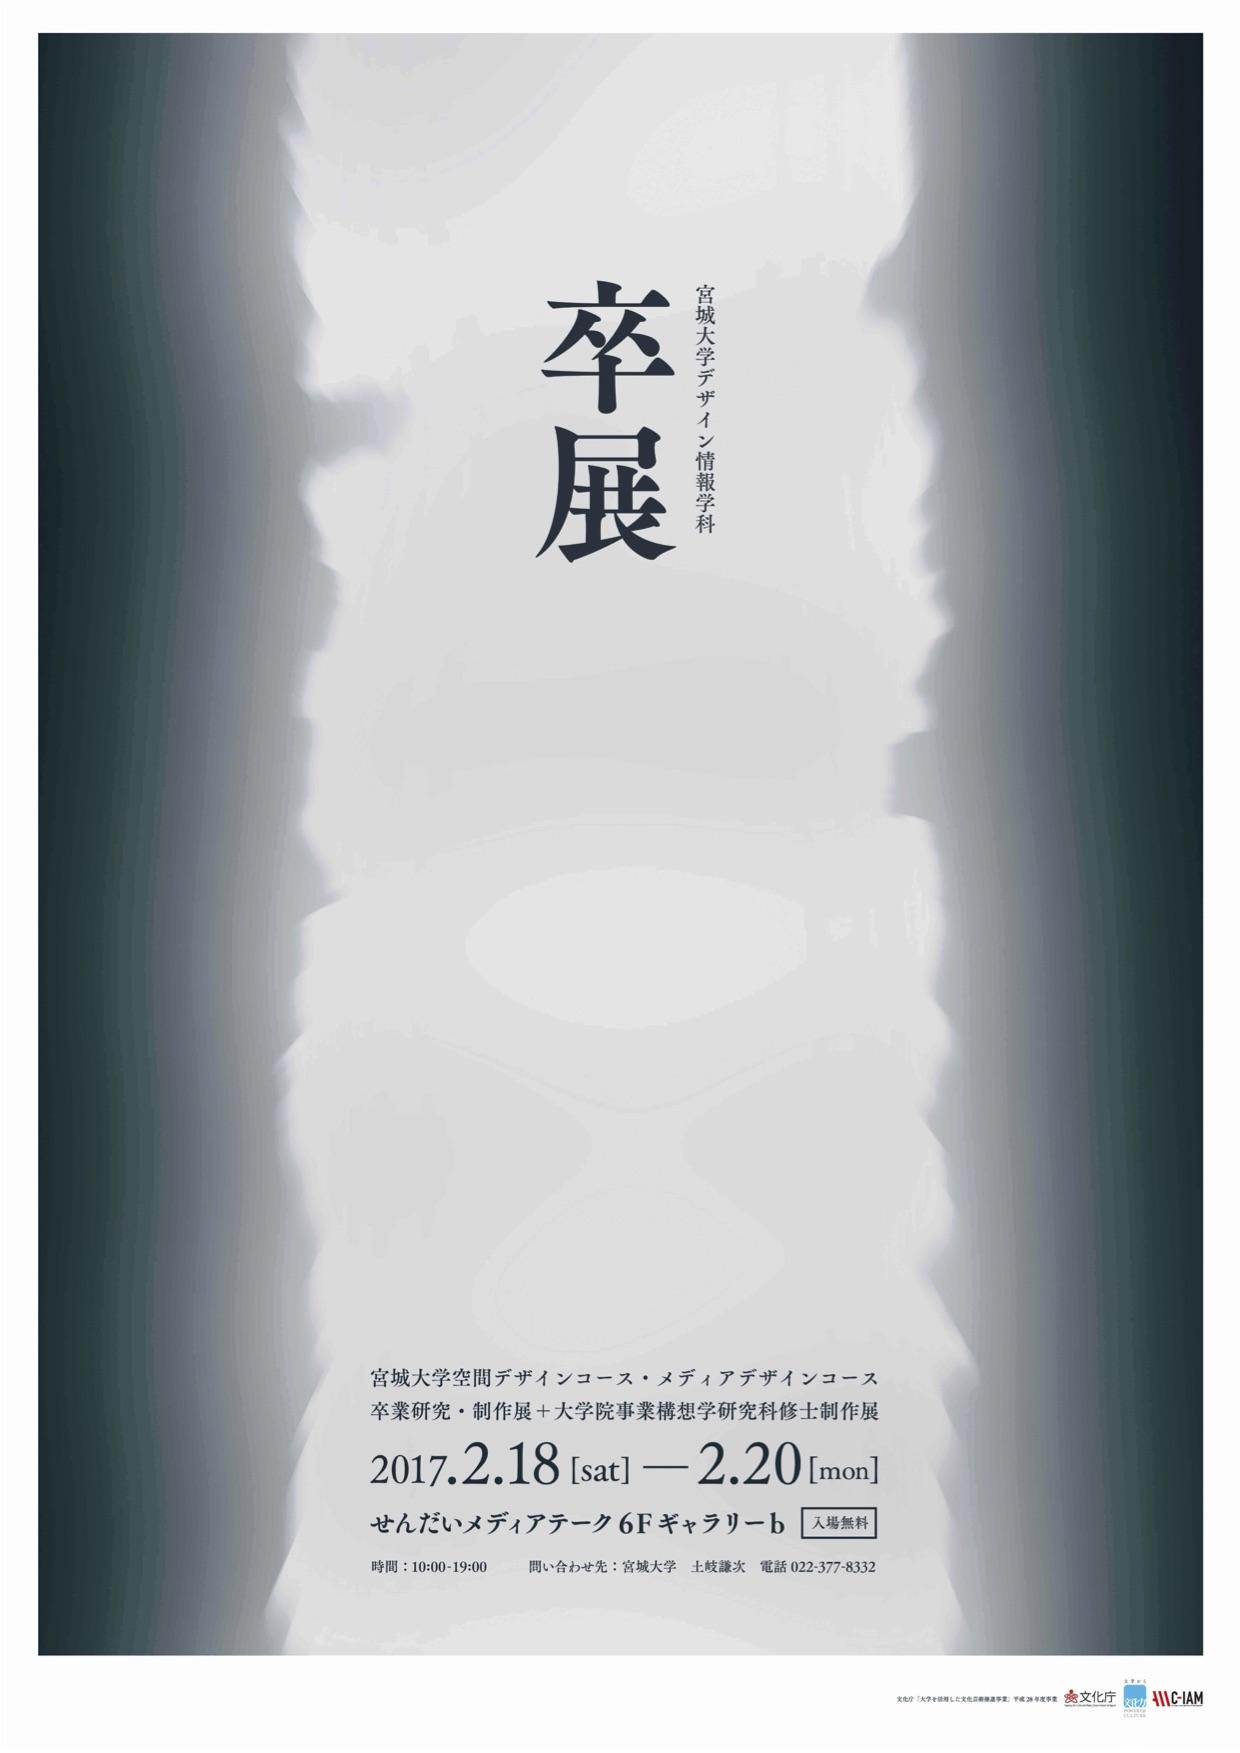 平成29年年2月18日土曜日から2月20日月曜日まで開催される卒業研究制作展のポスターです